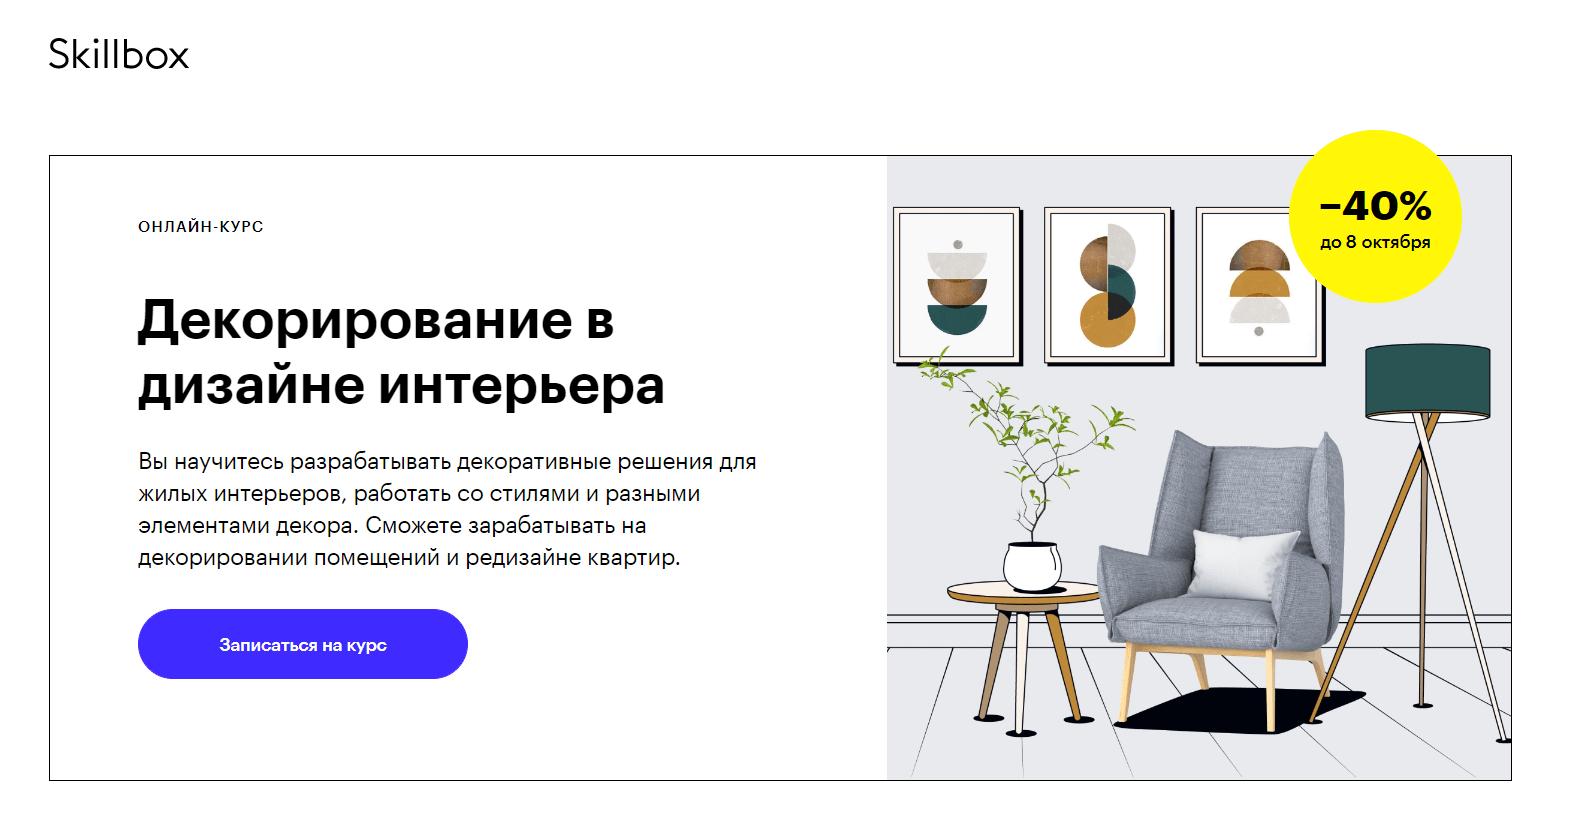 Онлайн-курс Декорирование в дизайне интерьера